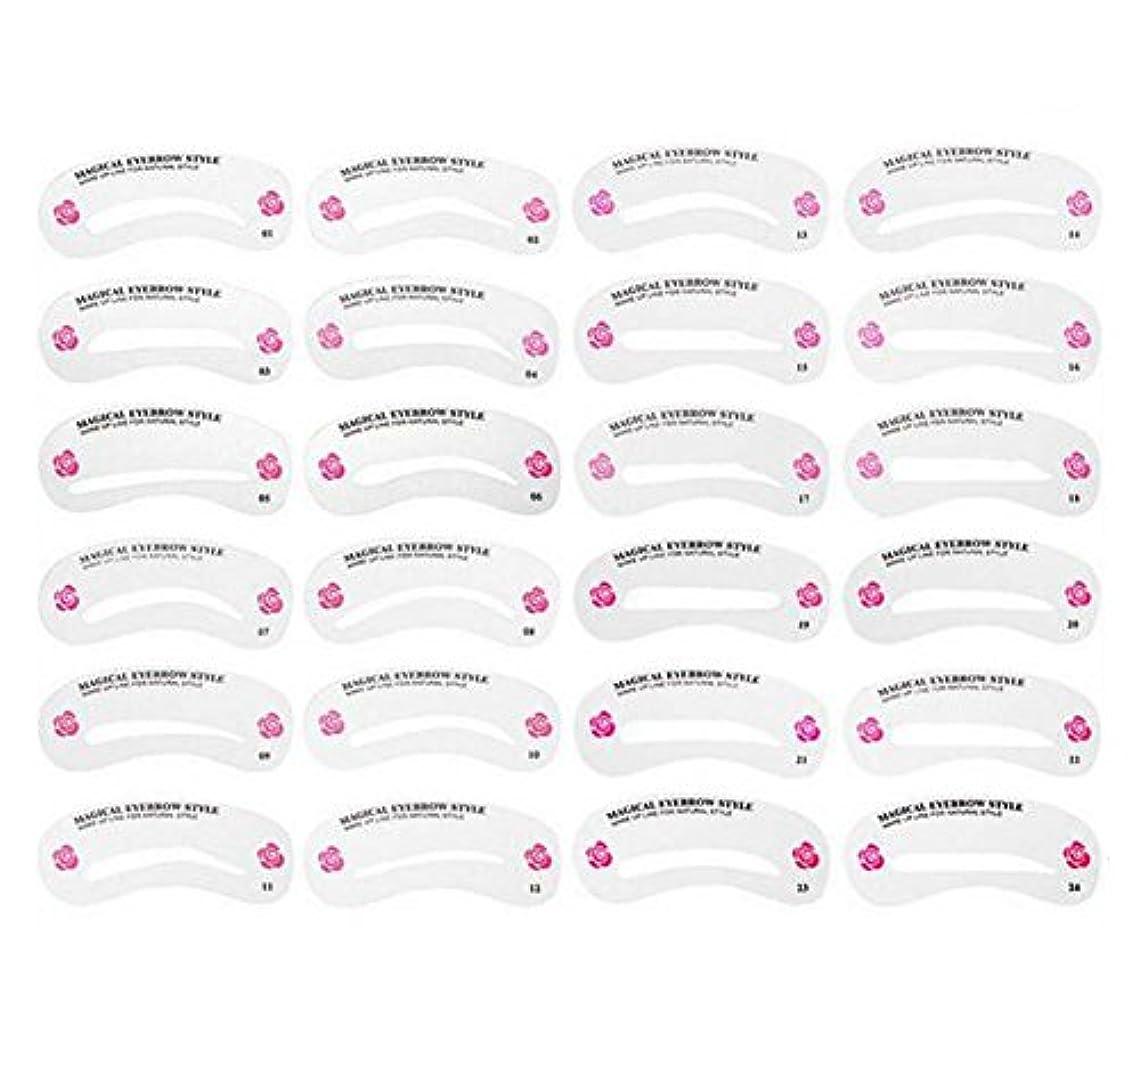 引き付ける上回る続ける24PCS 眉毛ステンシル眉毛グルーミングステンシルカードキットソフトマジック簡単メイクシェーピングテンプレートDIY美容女性女の子のためのツールとレディース-24スタイル